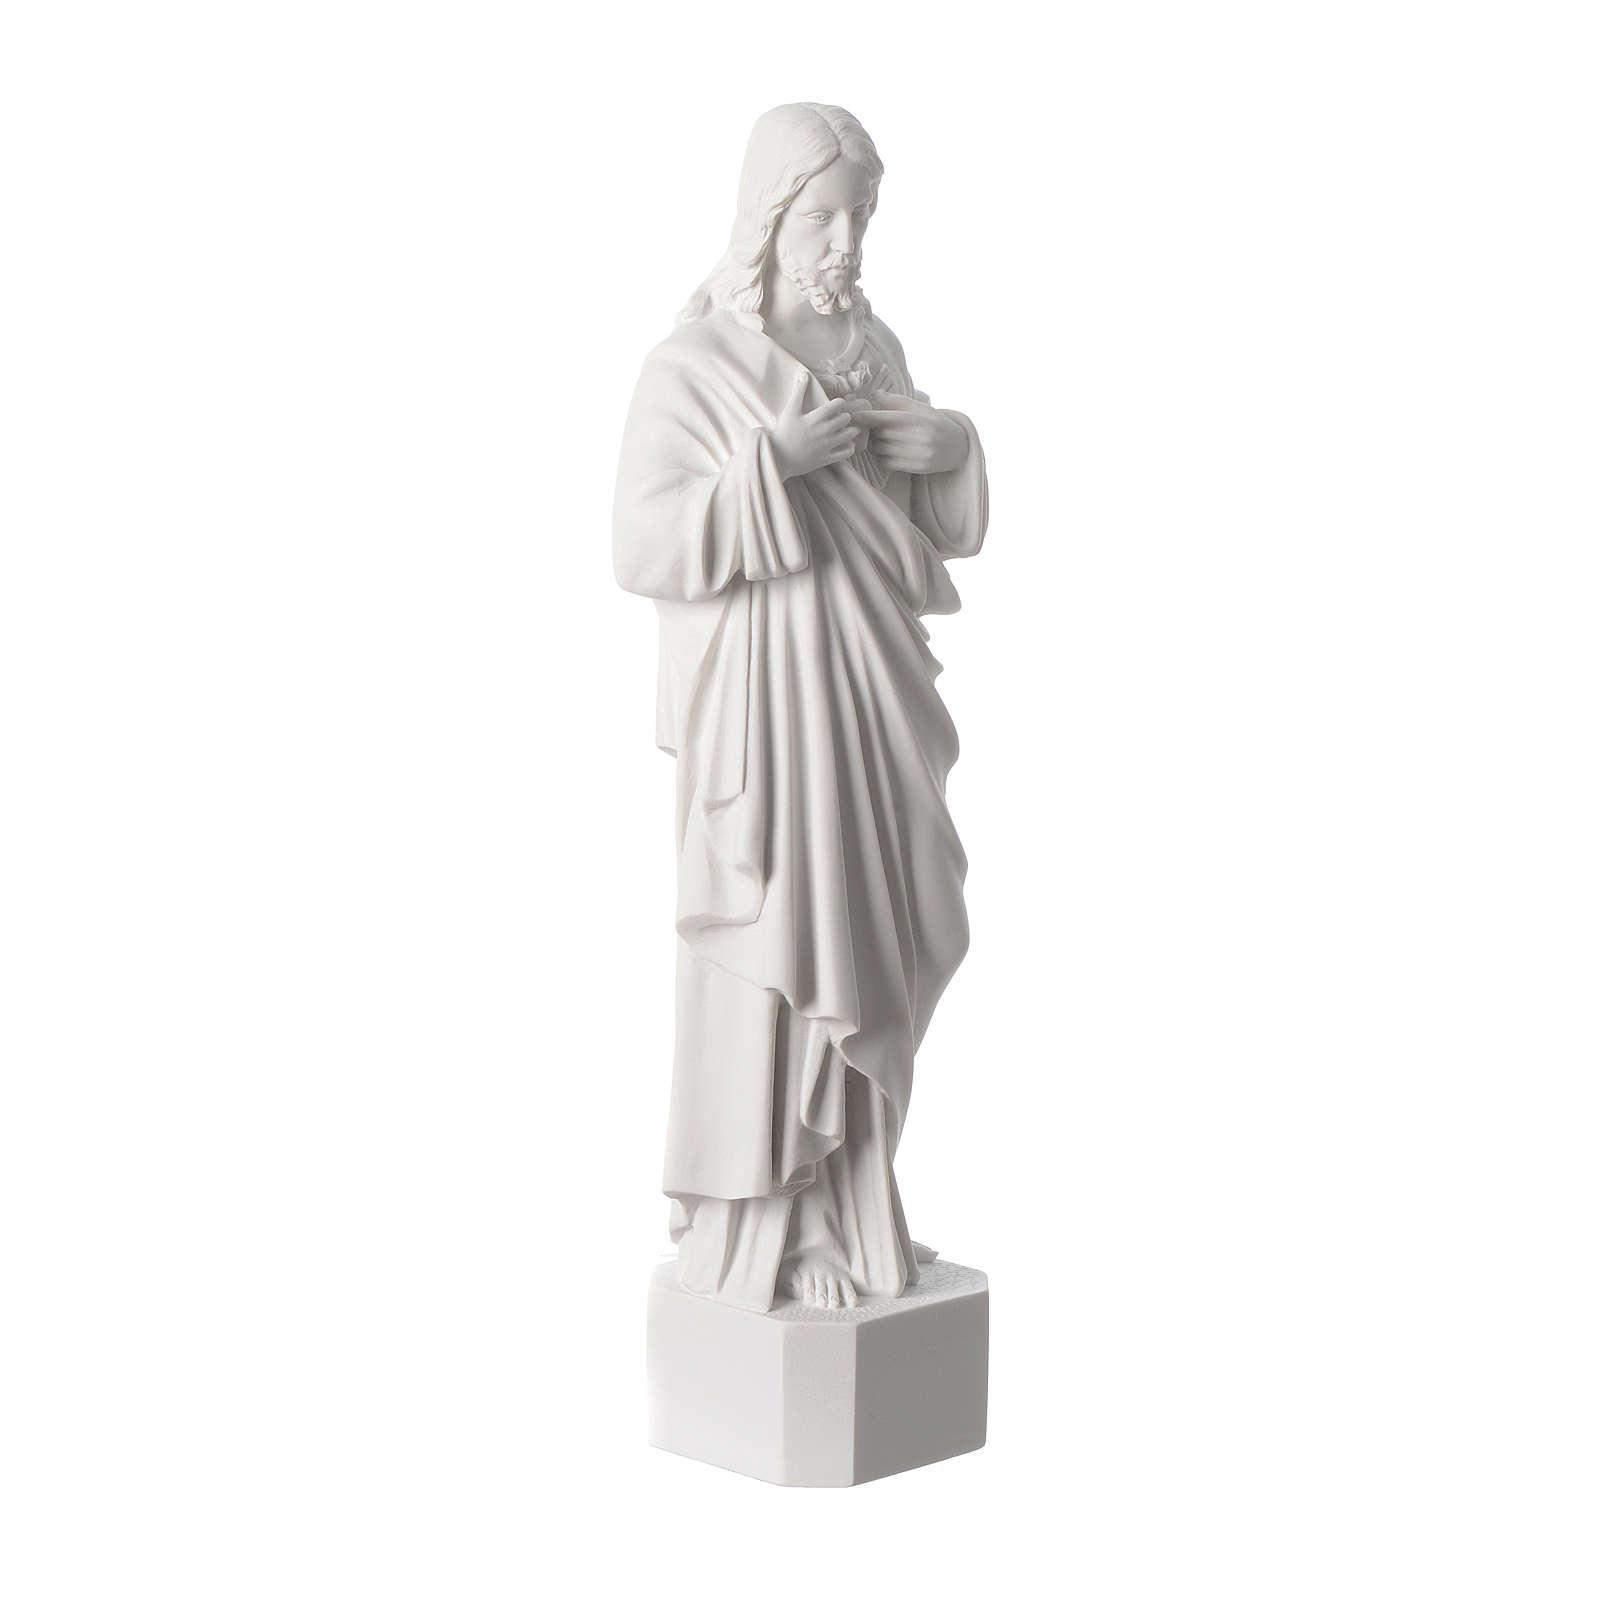 Statue Sacré Coeur de Jésus marbre reconstitué blanc 42 cm 4